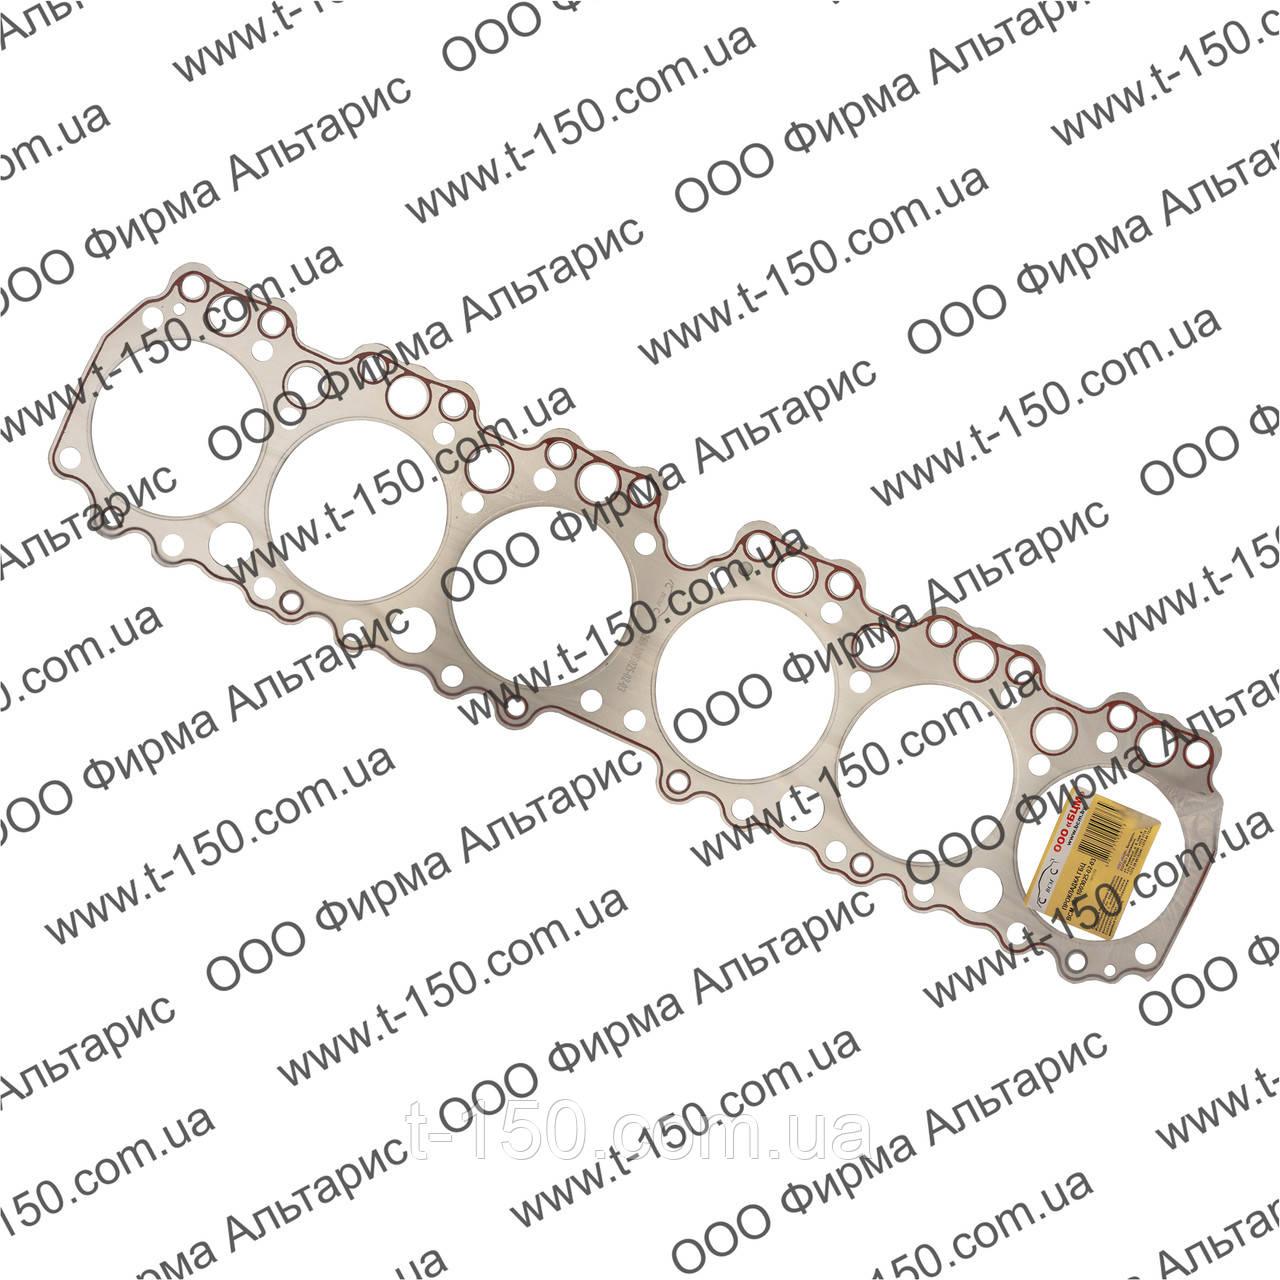 Прокладка ГБЦ МТЗ-1221/1523/2022/2122 Д-260, цельная металлизированная с герметиком, 263-1003020-02-03,Беларус